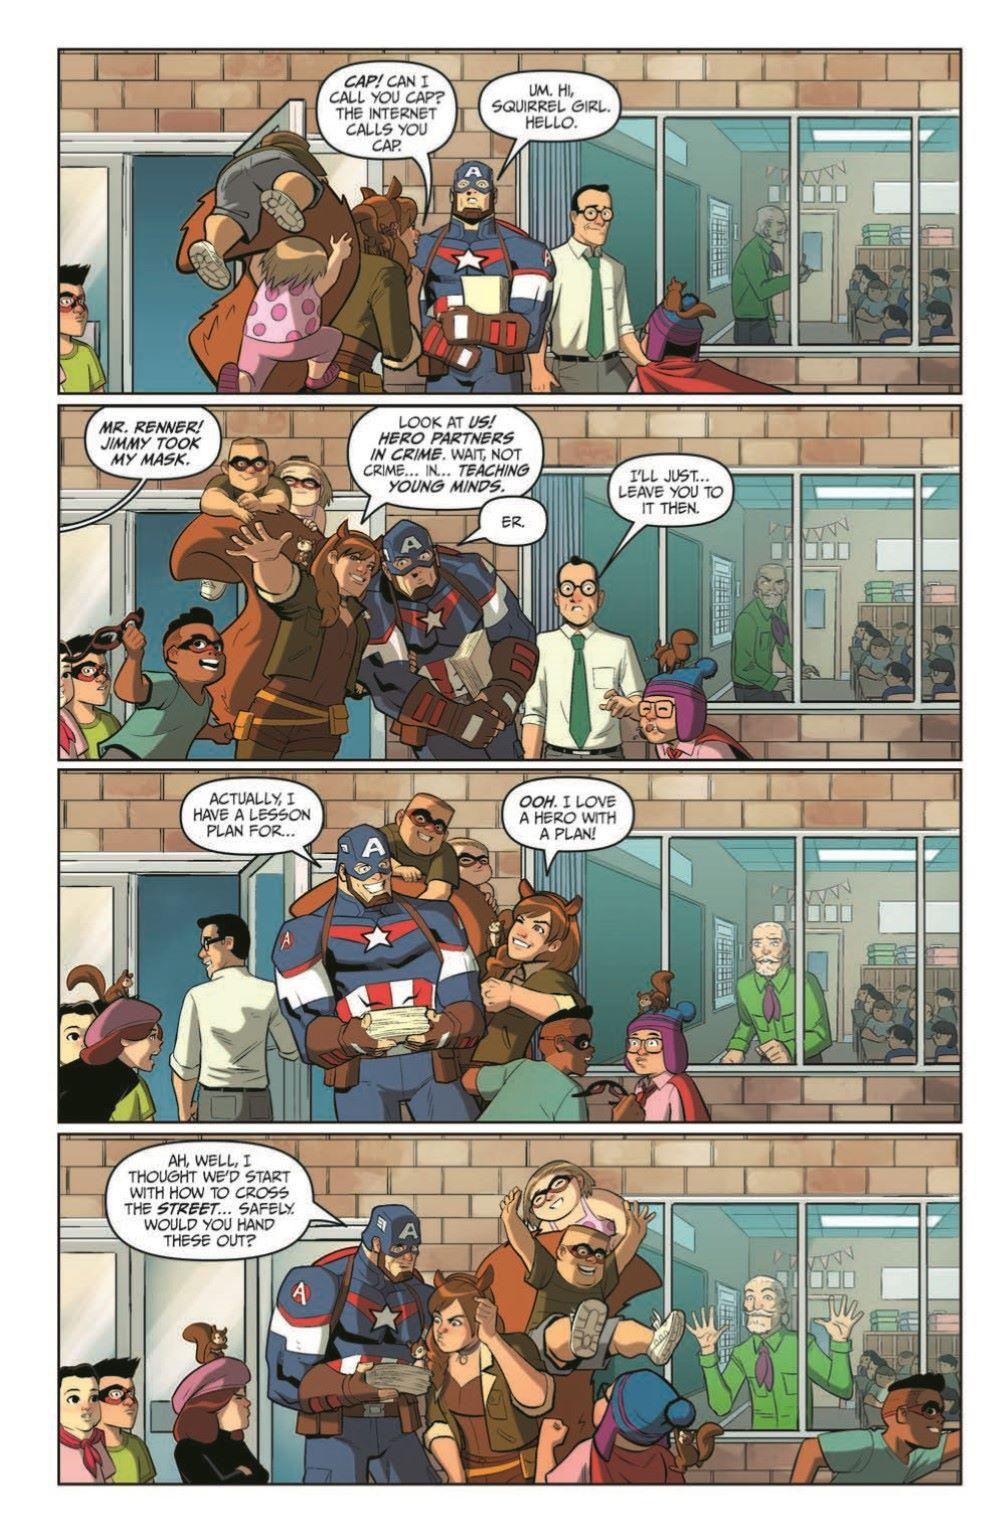 Marvel_Avengers_02_pr-7 ComicList Previews: MARVEL ACTION AVENGERS VOLUME 2 #2